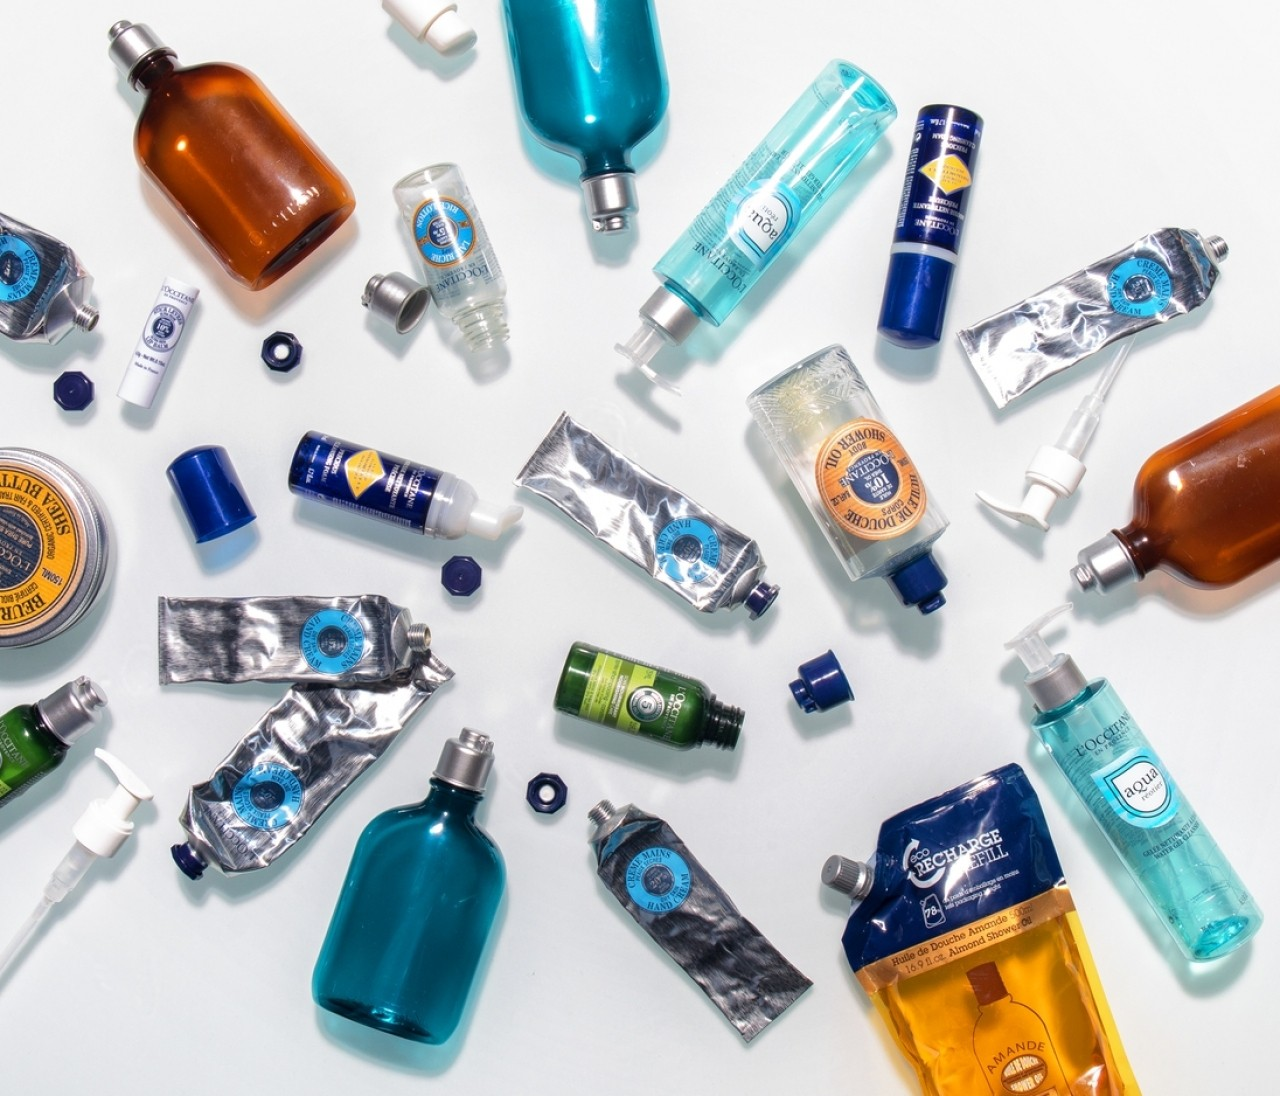 今日からできるエコアクション。 ロクシタンが空き容器のリサイクル「グリーンプログラム」を再開!